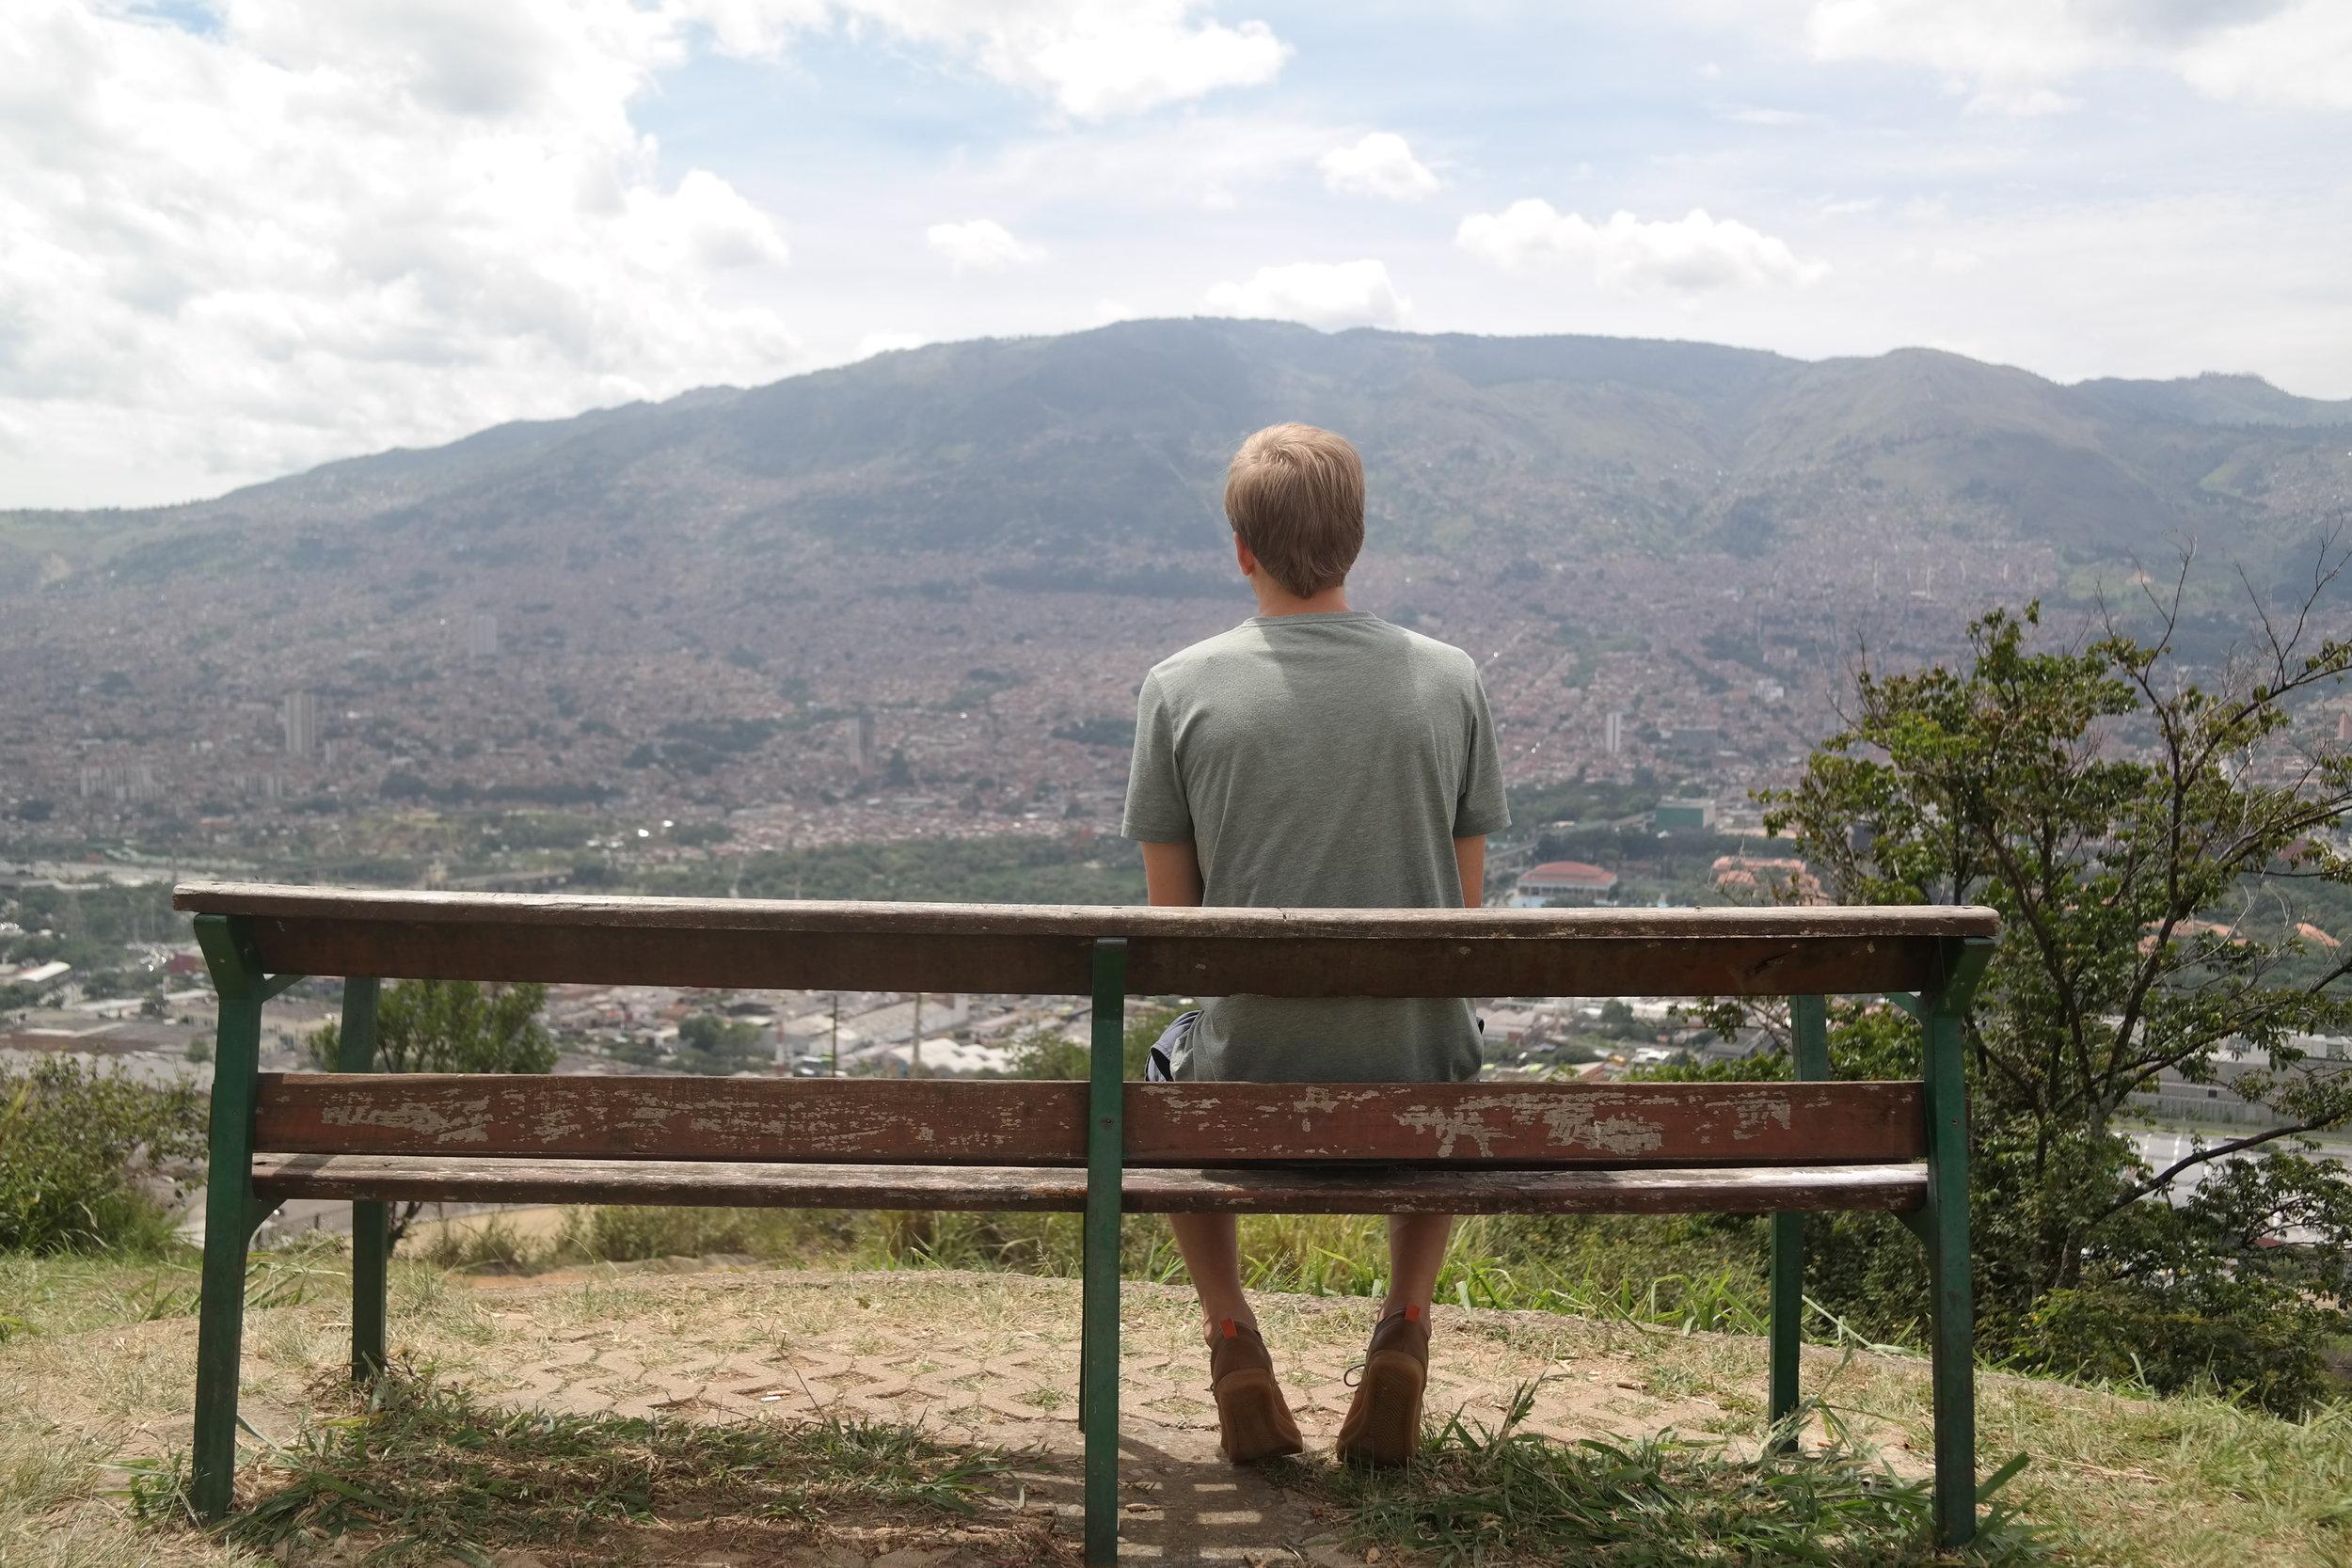 Mångmiljonstaden Medellín tystnar på bergets topp.